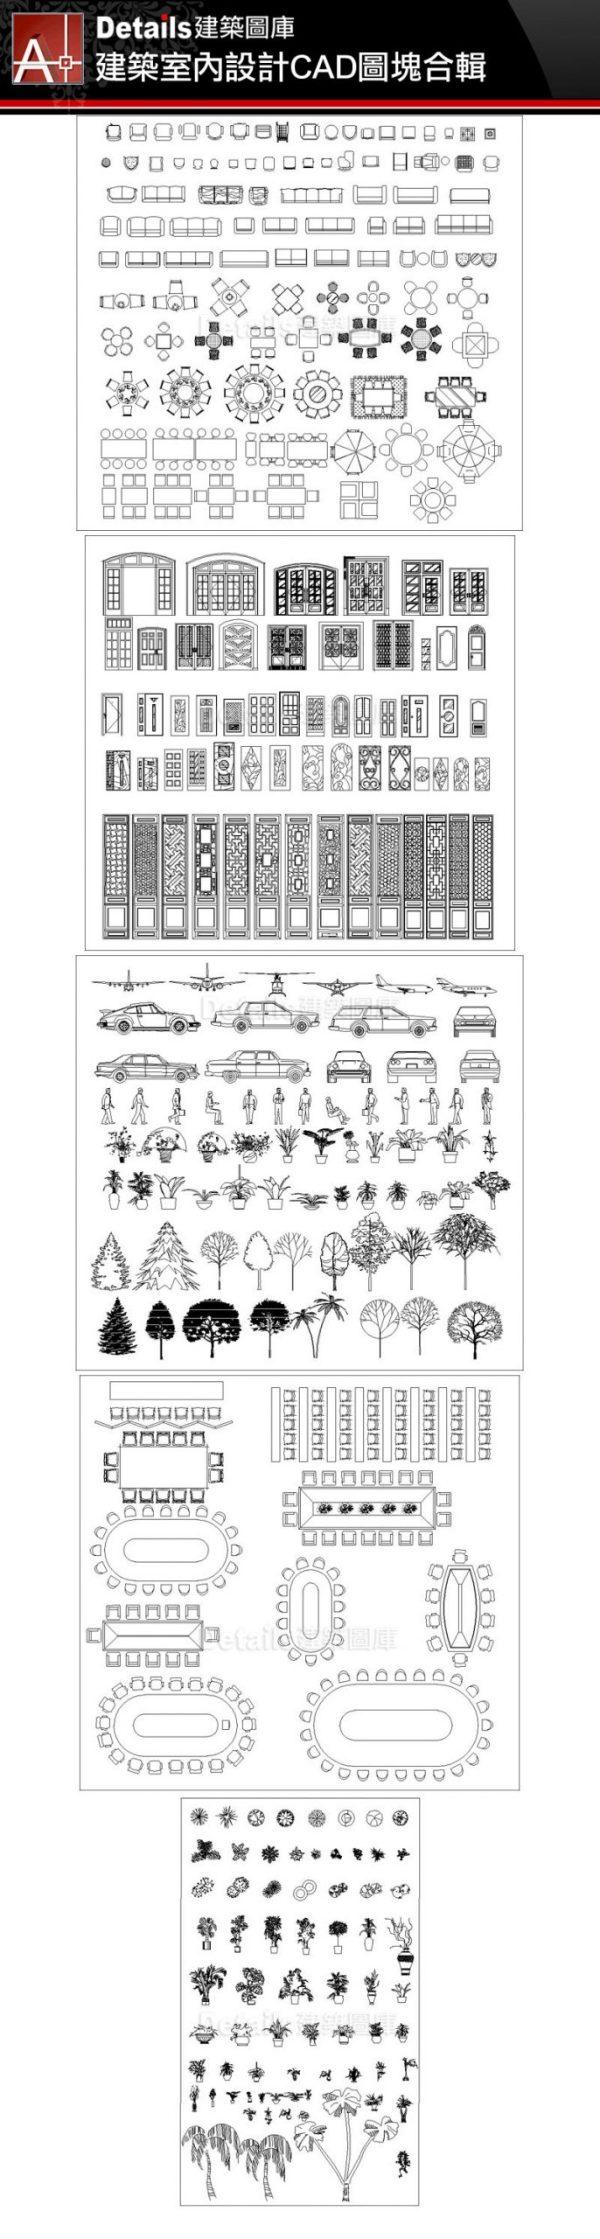 餐桌、衣櫃、沙發、衛浴設備、擺飾、家具立面、窗簾、燈具、花盆、交通工具,室內設計2D標準圖塊,景觀設計2D標準圖塊,五金配件圖塊,水電工程圖塊,衛浴設備圖塊,燈光照明工程圖塊,家具CAD圖塊,裝飾設計元素圖塊,歐式古典元素圖塊